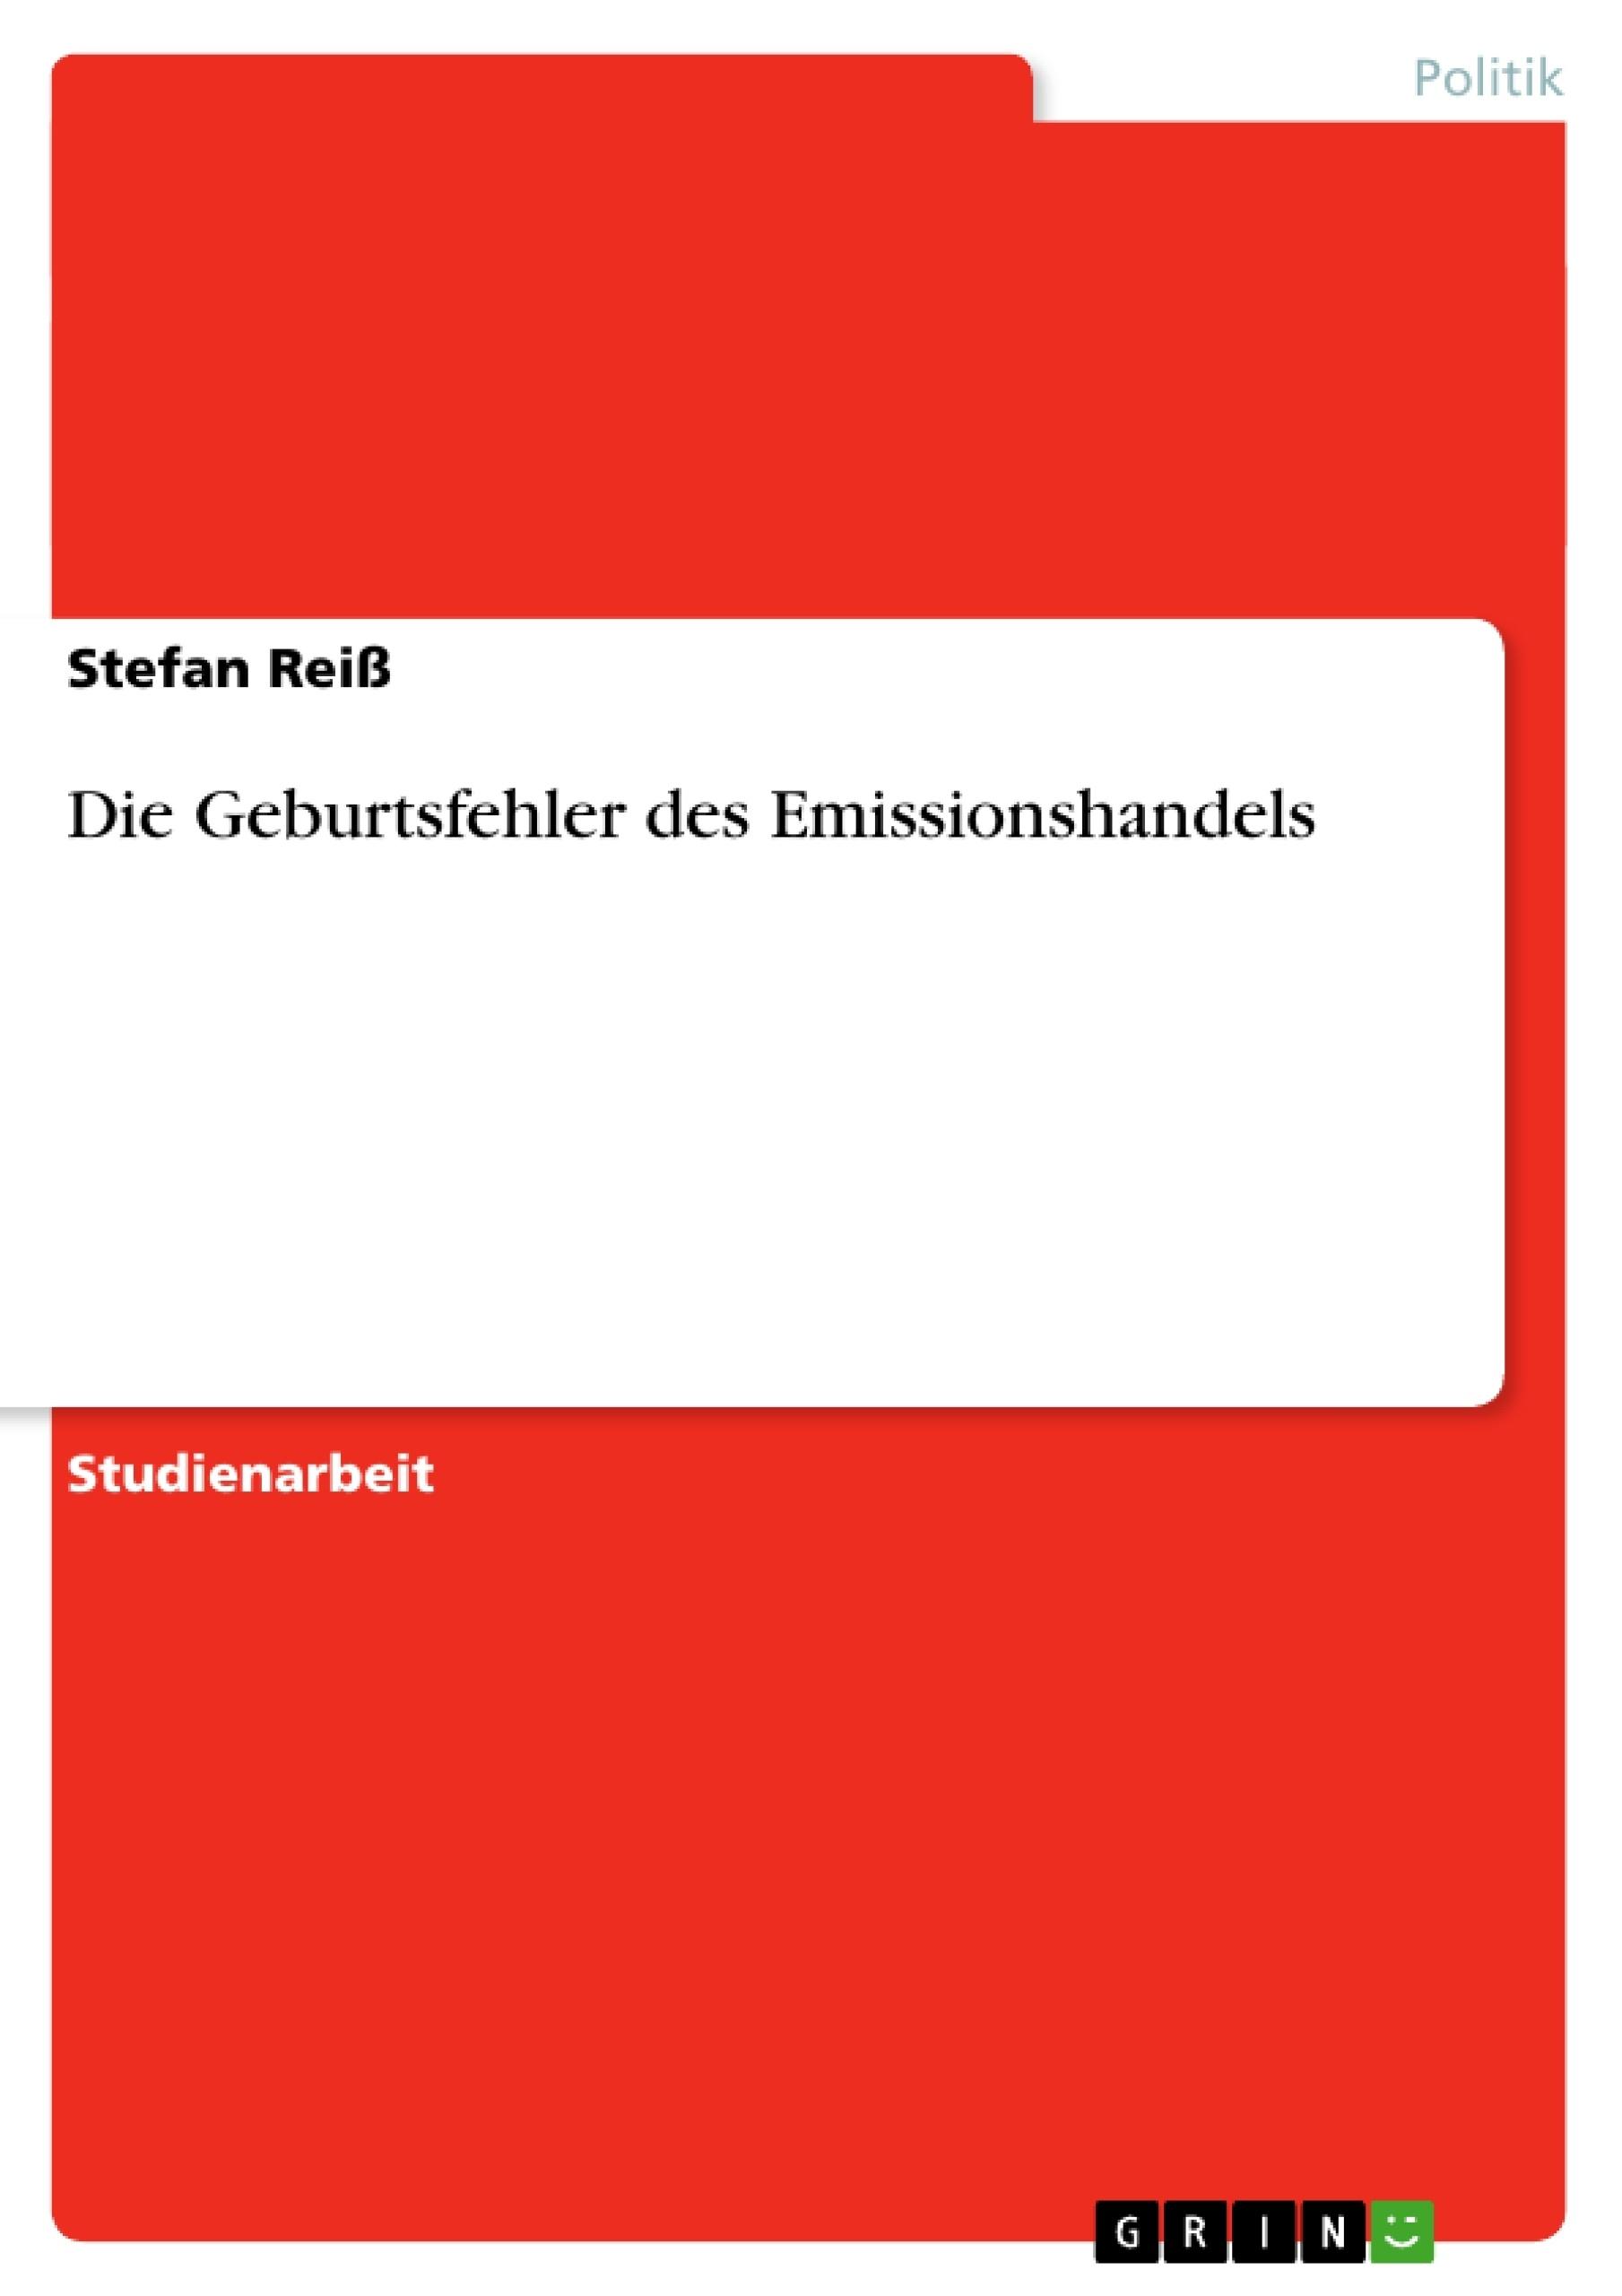 Titel: Die Geburtsfehler des Emissionshandels